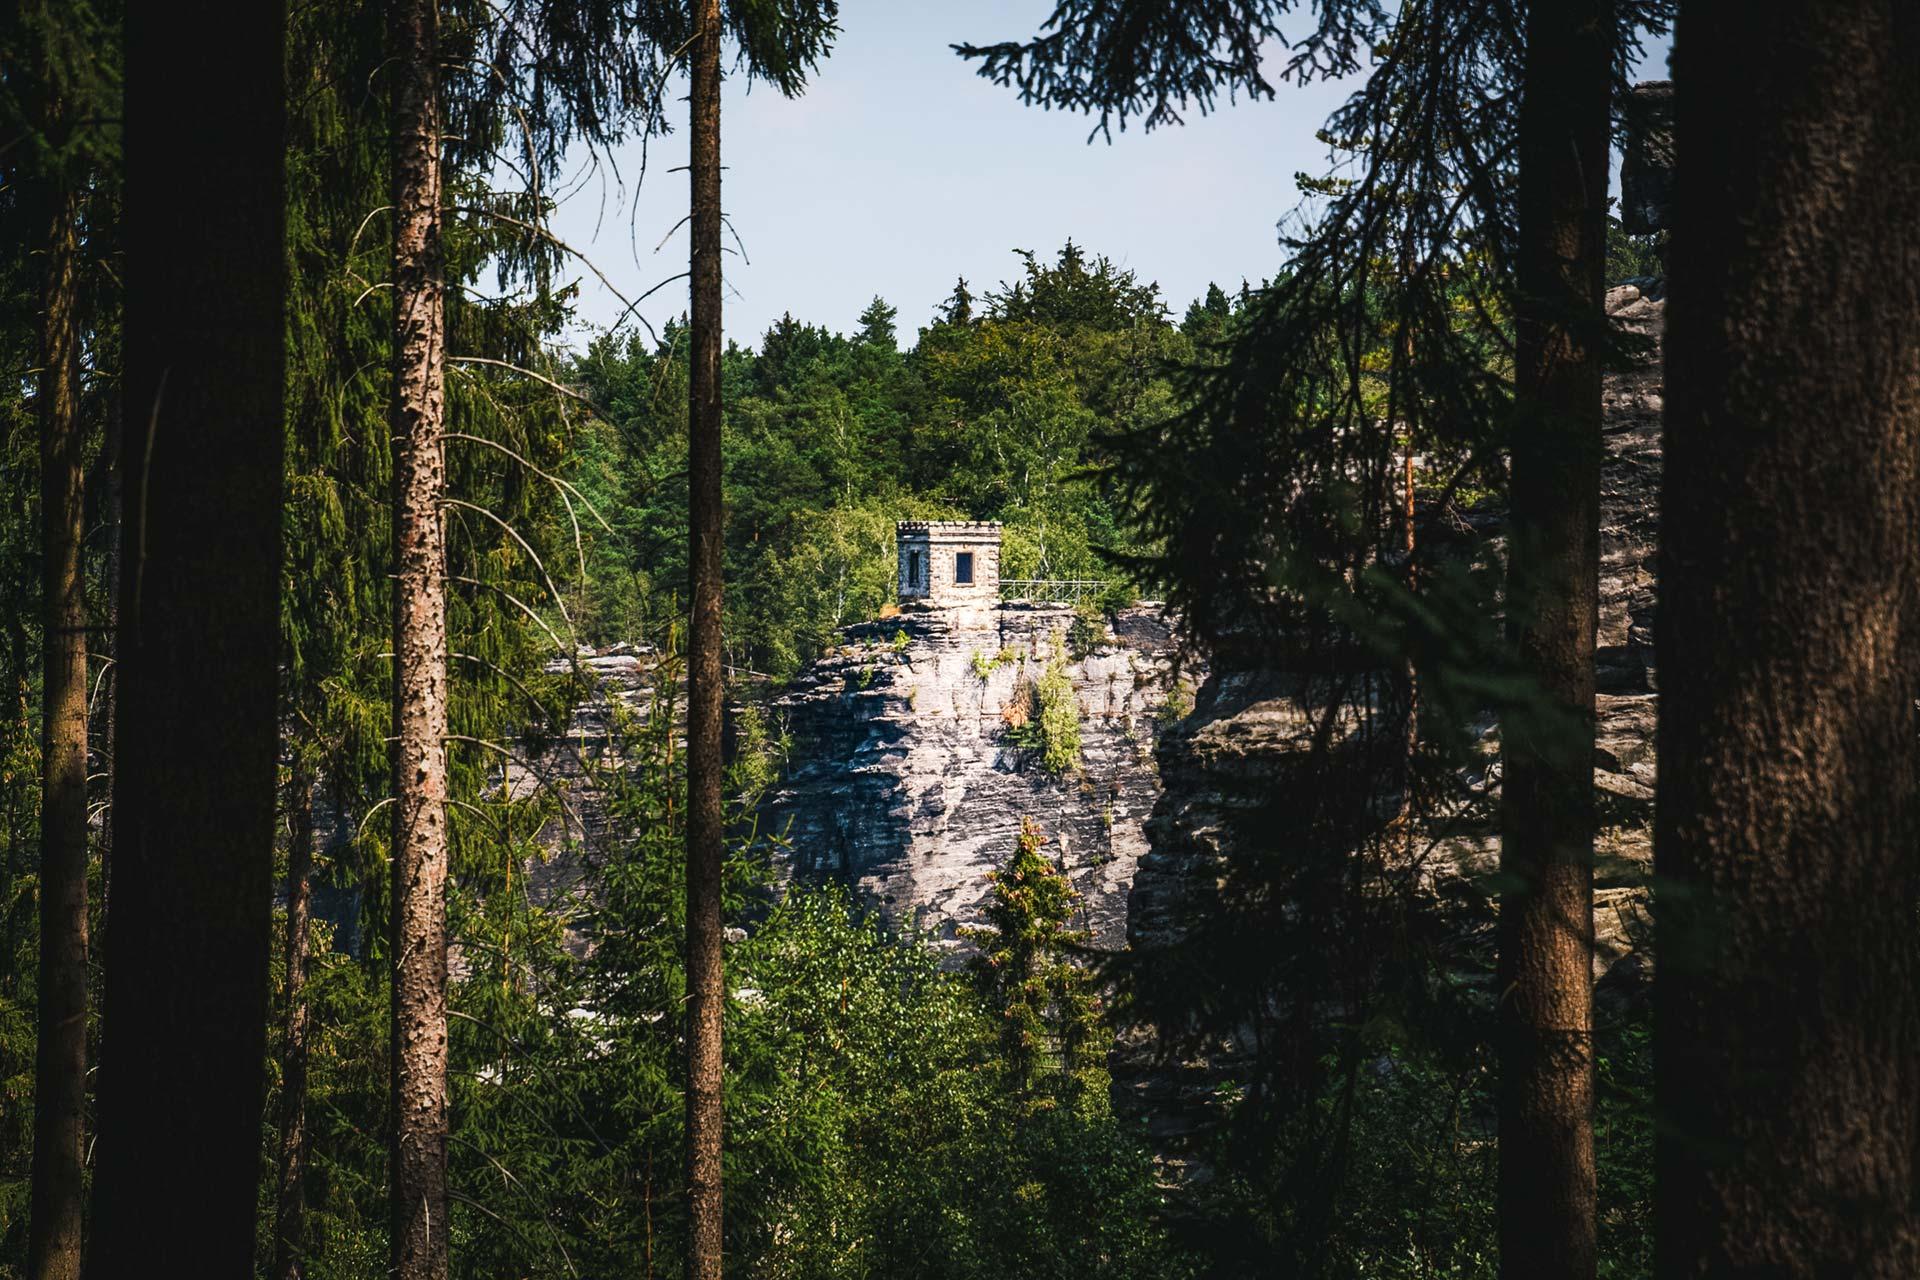 Zwischen Standort und Kaiser-Wilhelm-Feste liegt das Bielatal